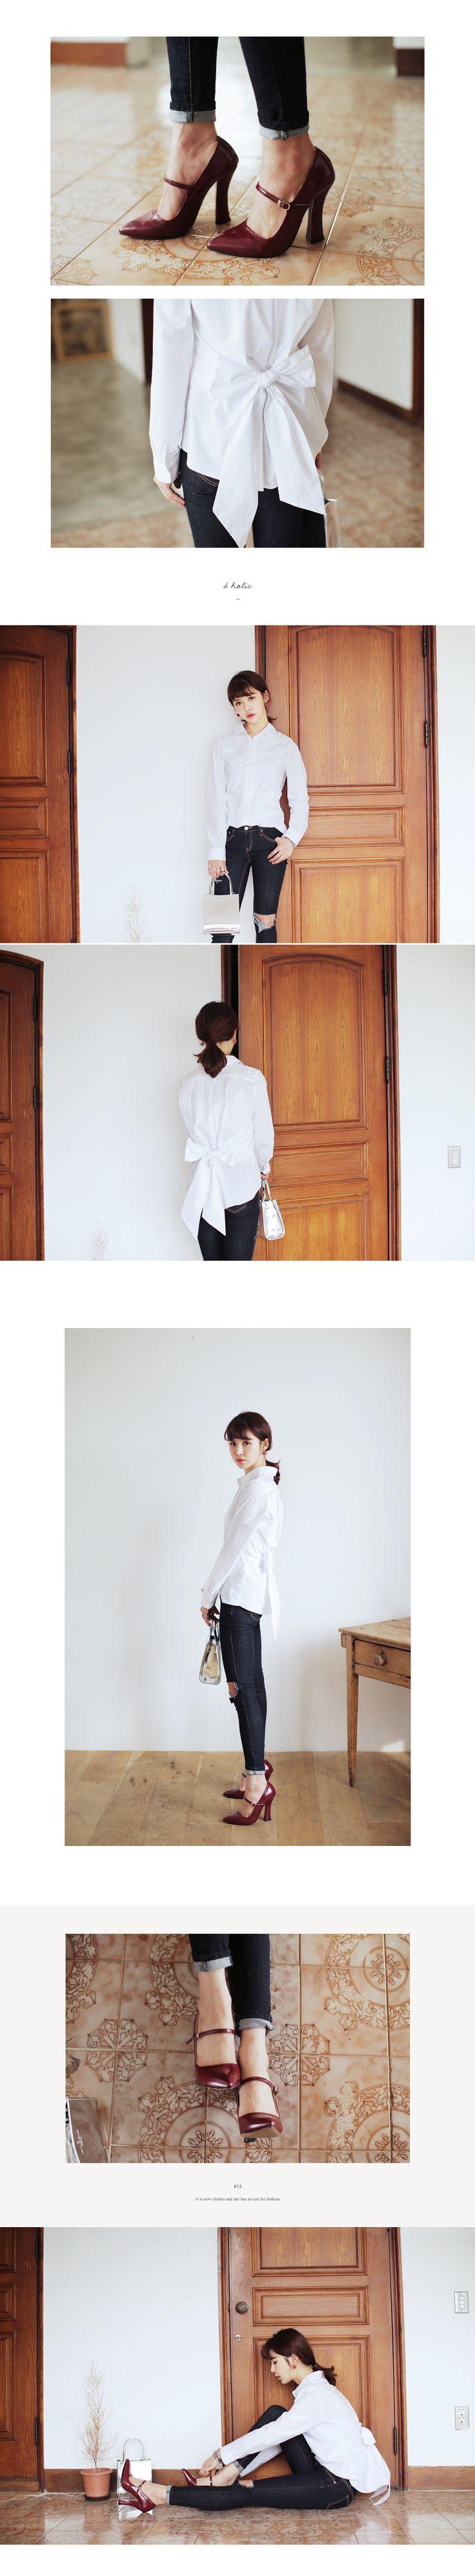 バックリボンホワイトシャツ・全3色シャツ・ブラウスシャツ|レディースファッション通販 DHOLICディーホリック [ファストファッション 水着 ワンピース]